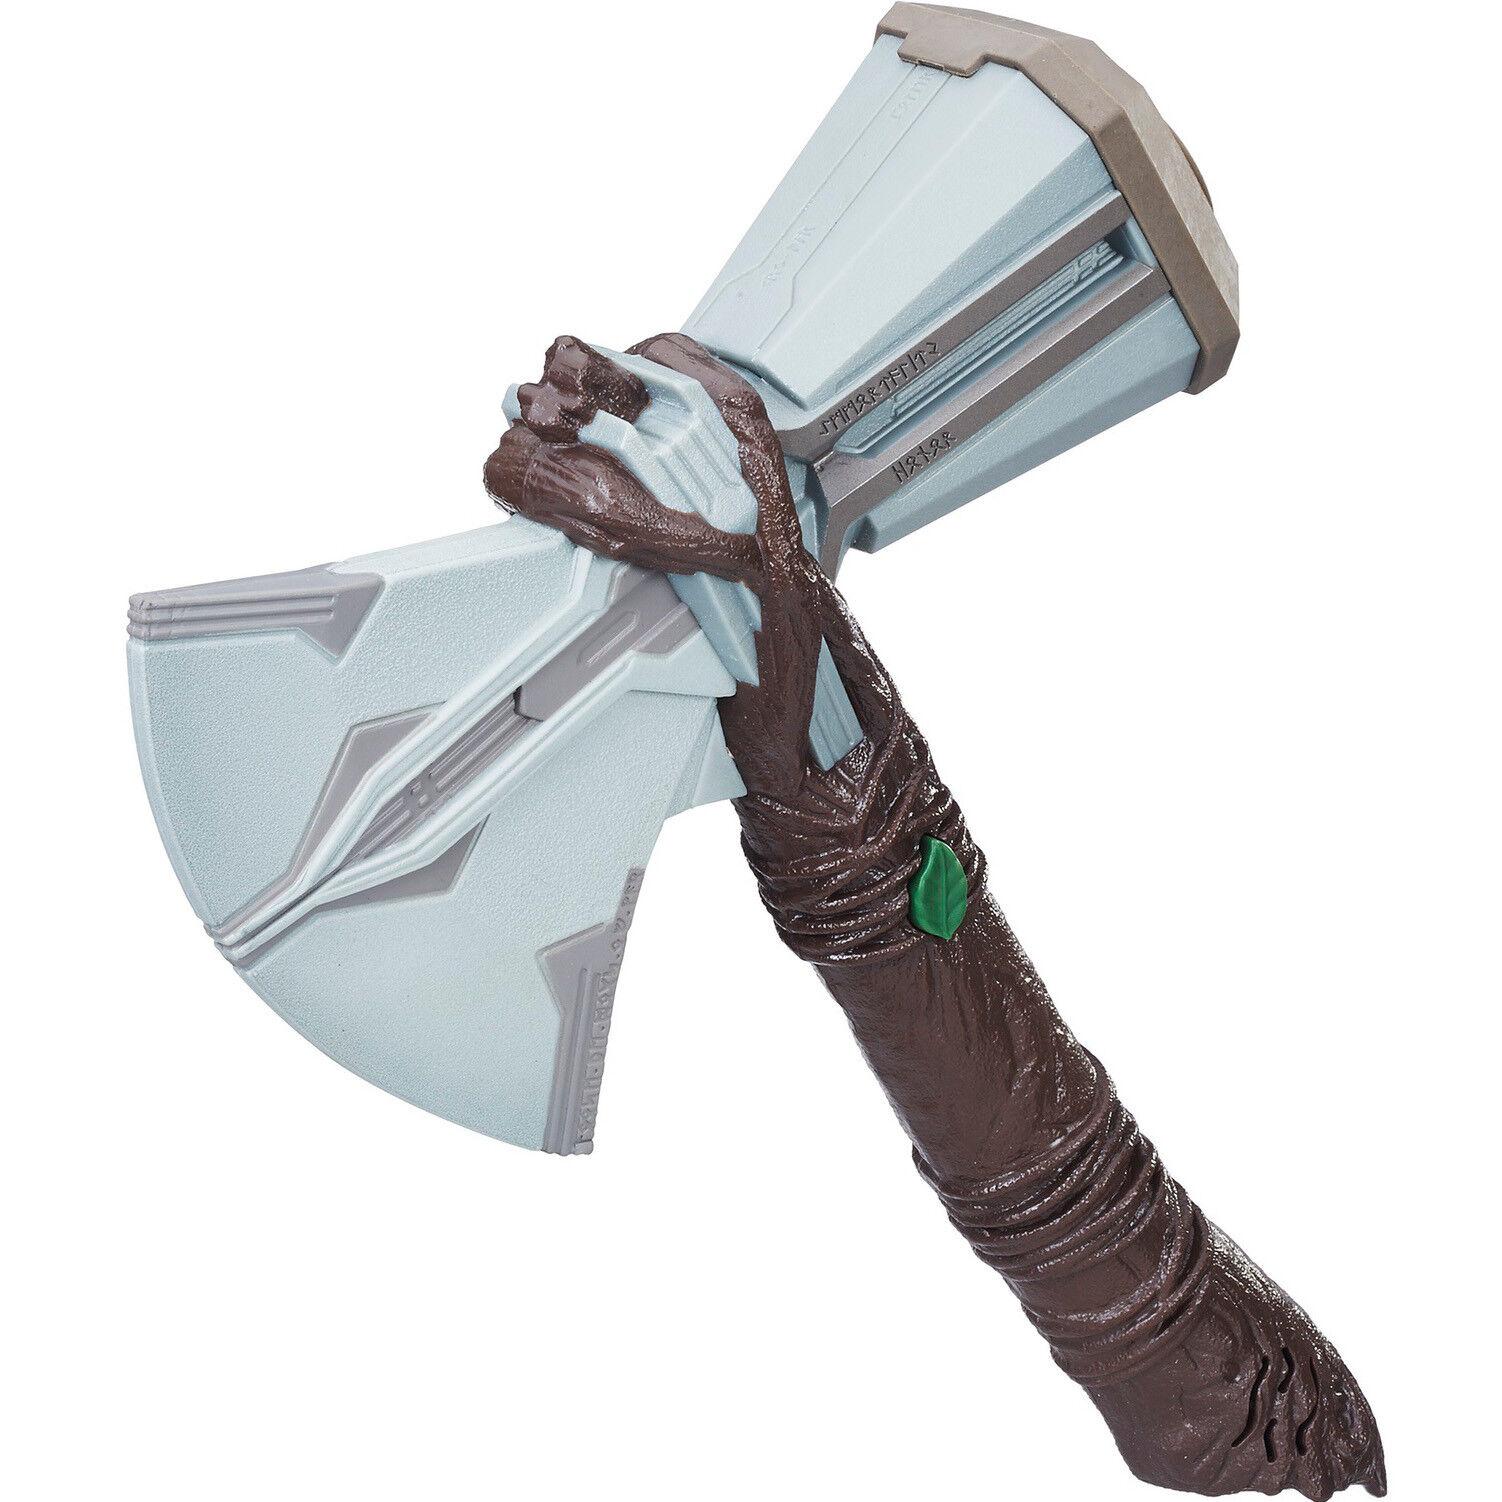 AVENGERS 3 Infinity War Thor Stormbreaker Hammer Ultimate ...